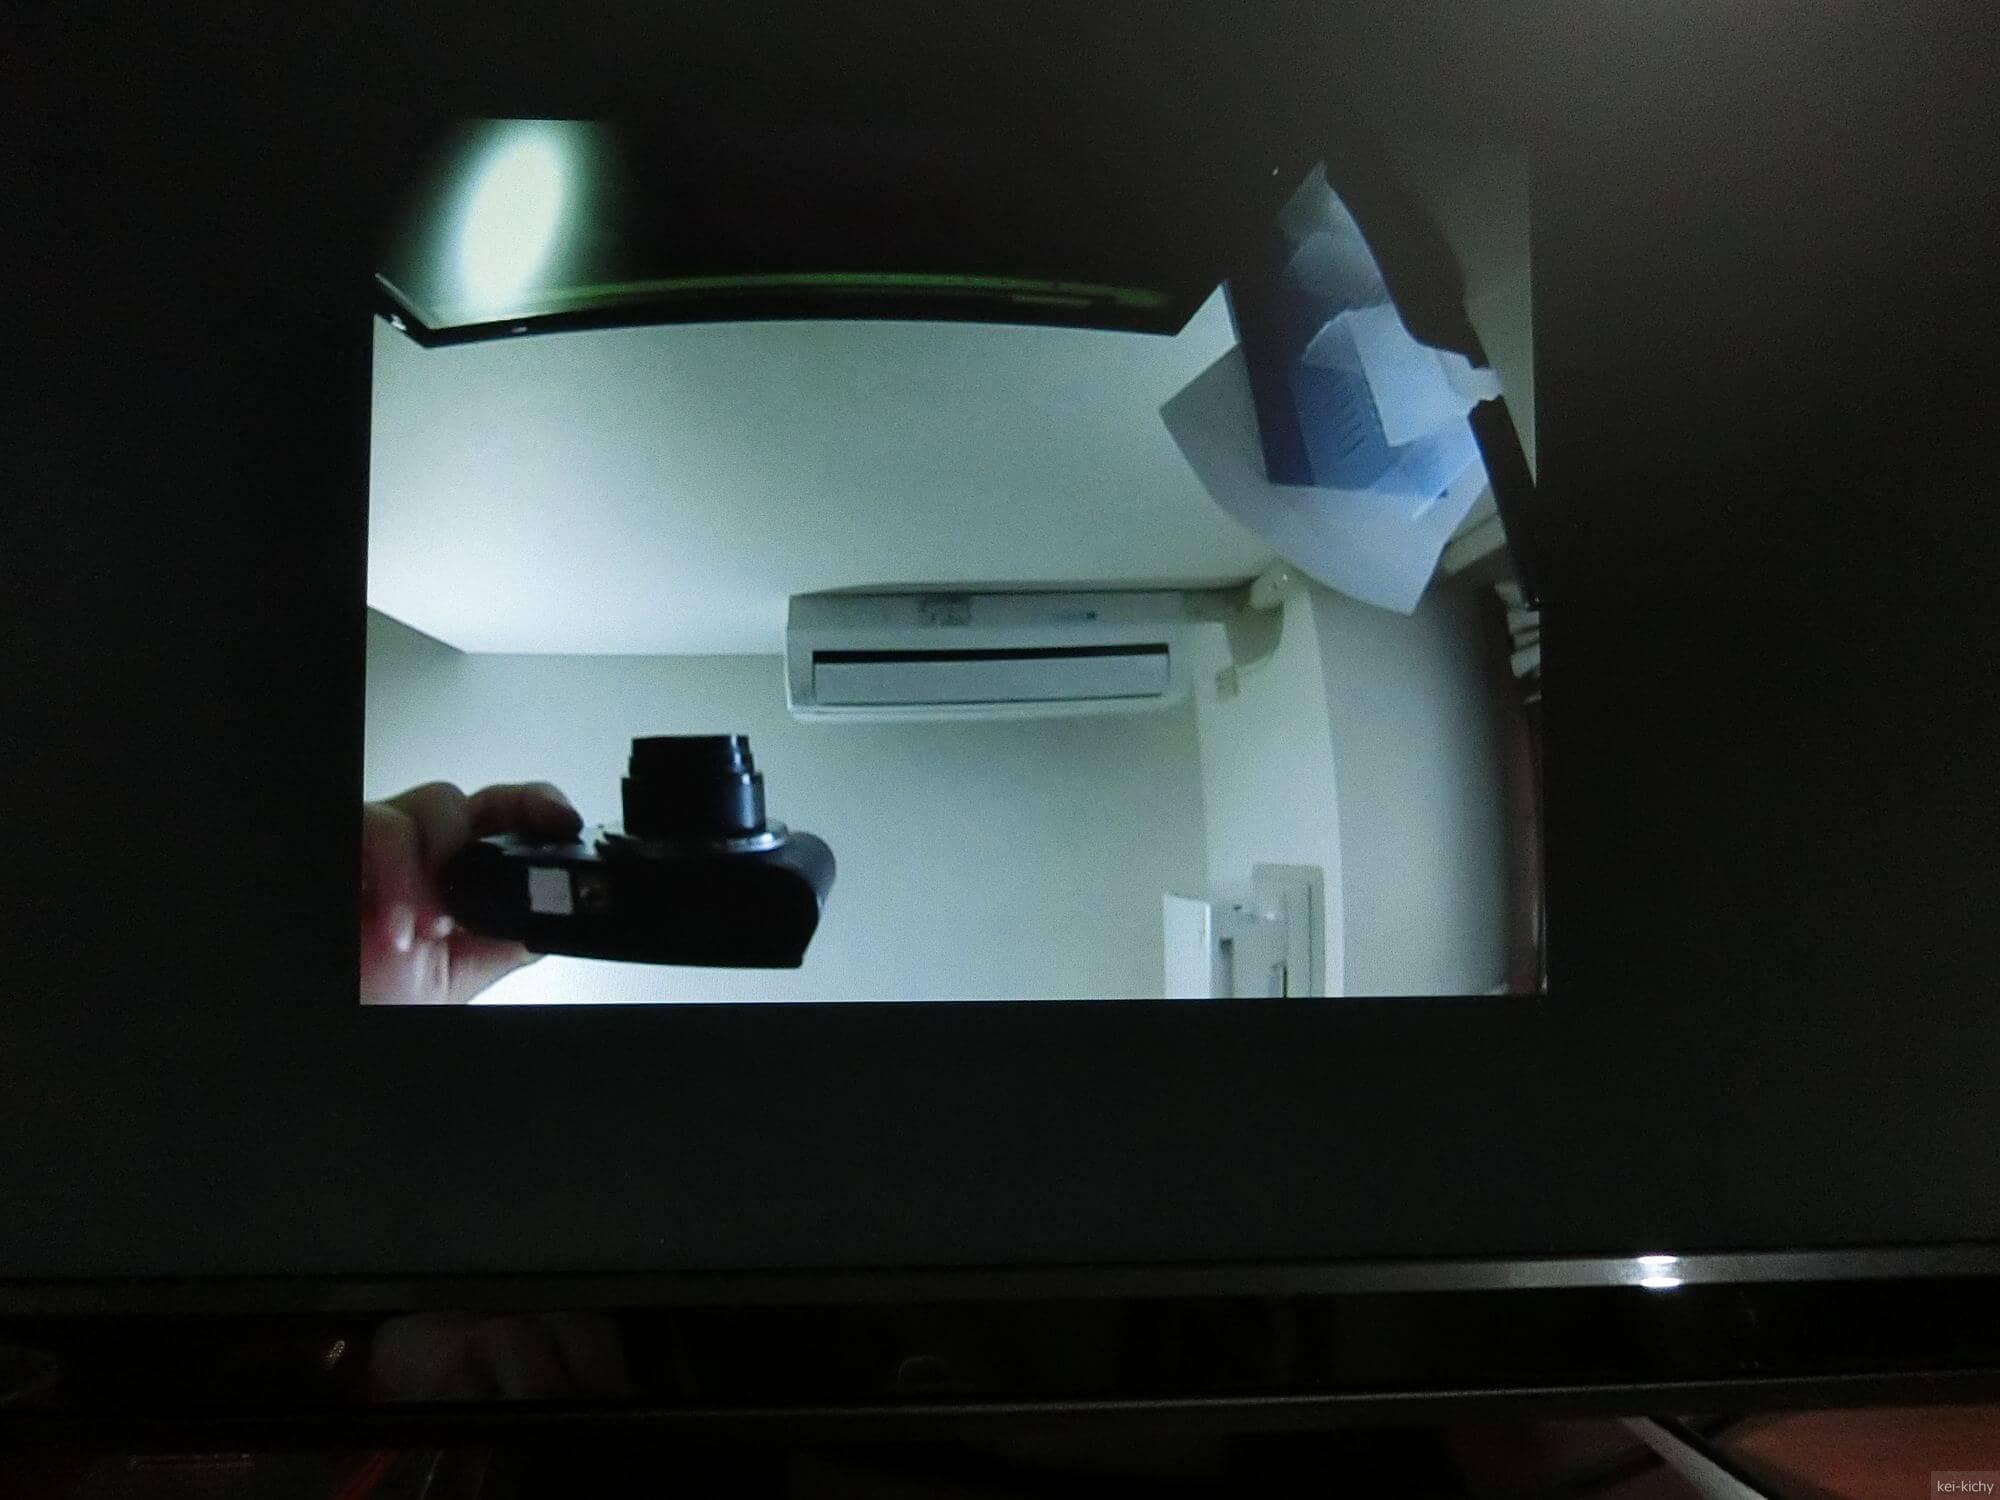 【工作】RaspberryPi用広角カメラを取り付ける